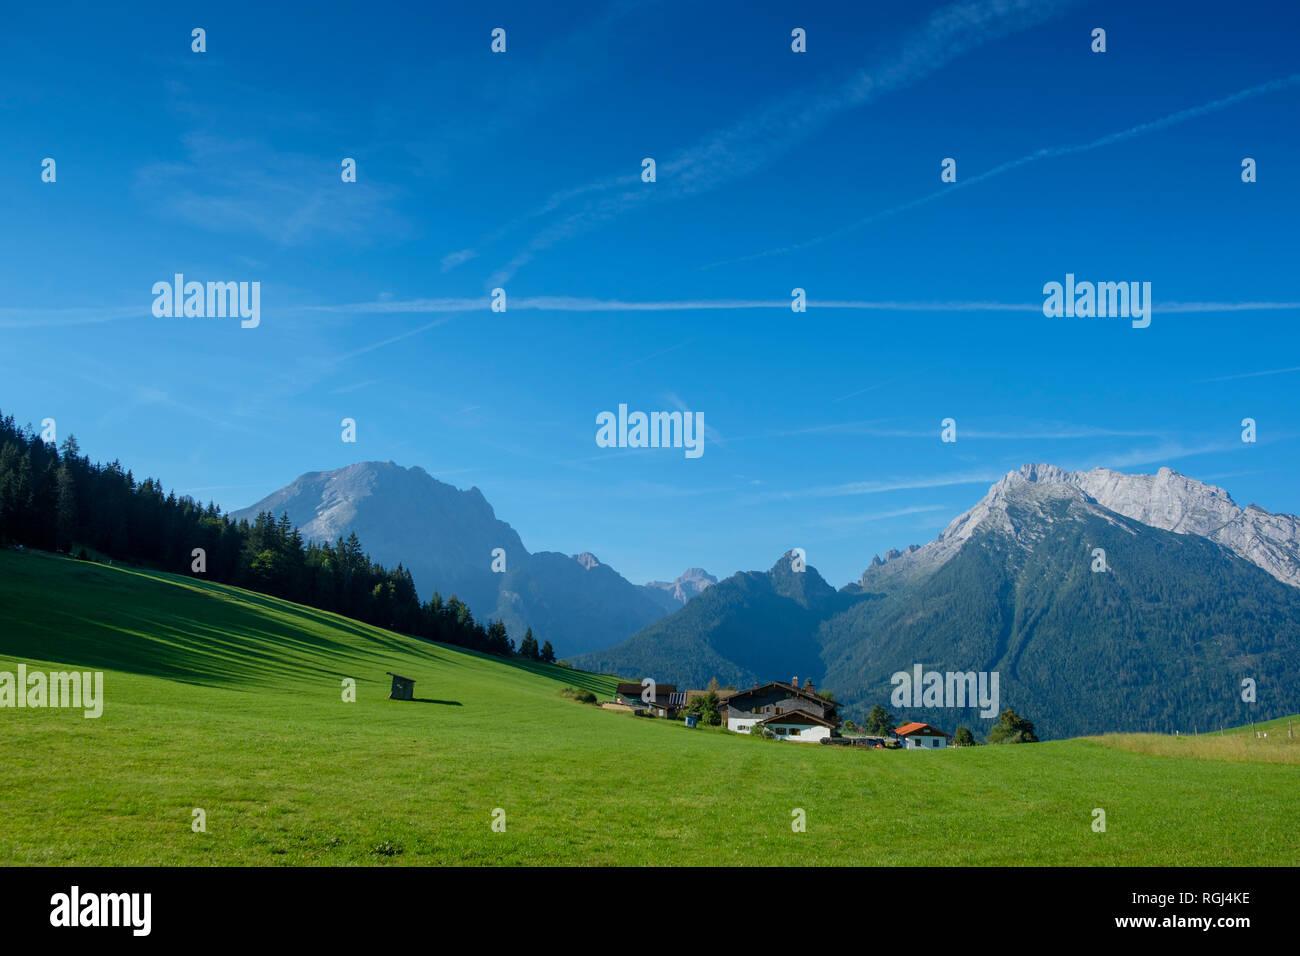 Germany, Bavaria, Berchtesgadener Land, Berchtesgaden Alps, Hochschwarzeck near Ramsau, Watzmann and Hochkalter in the background Stock Photo